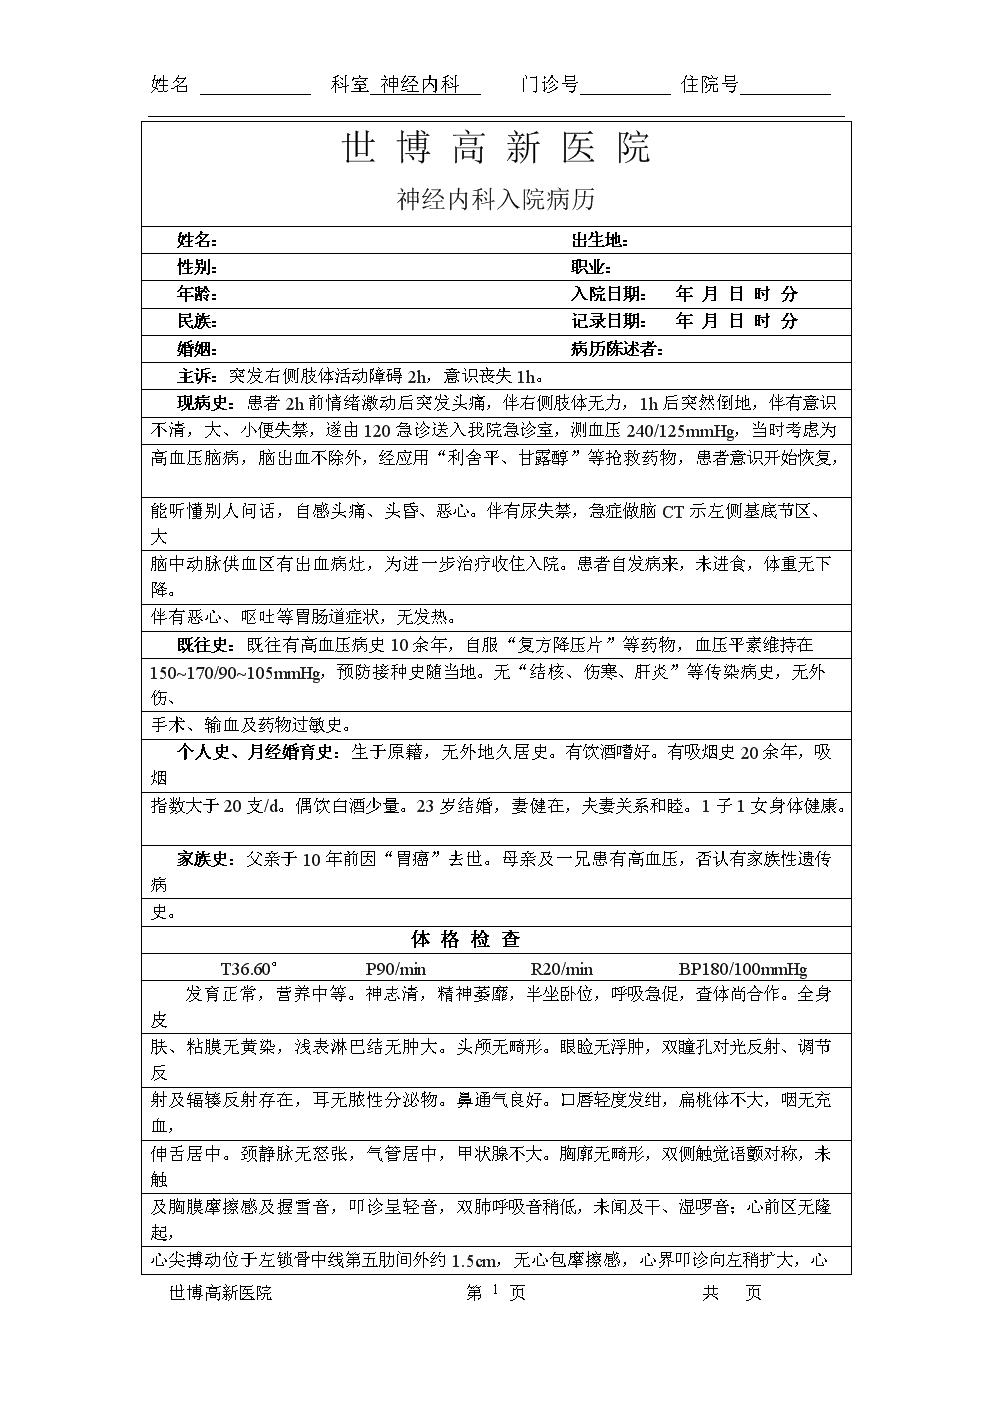 神经内科入院病历(脑出血).doc